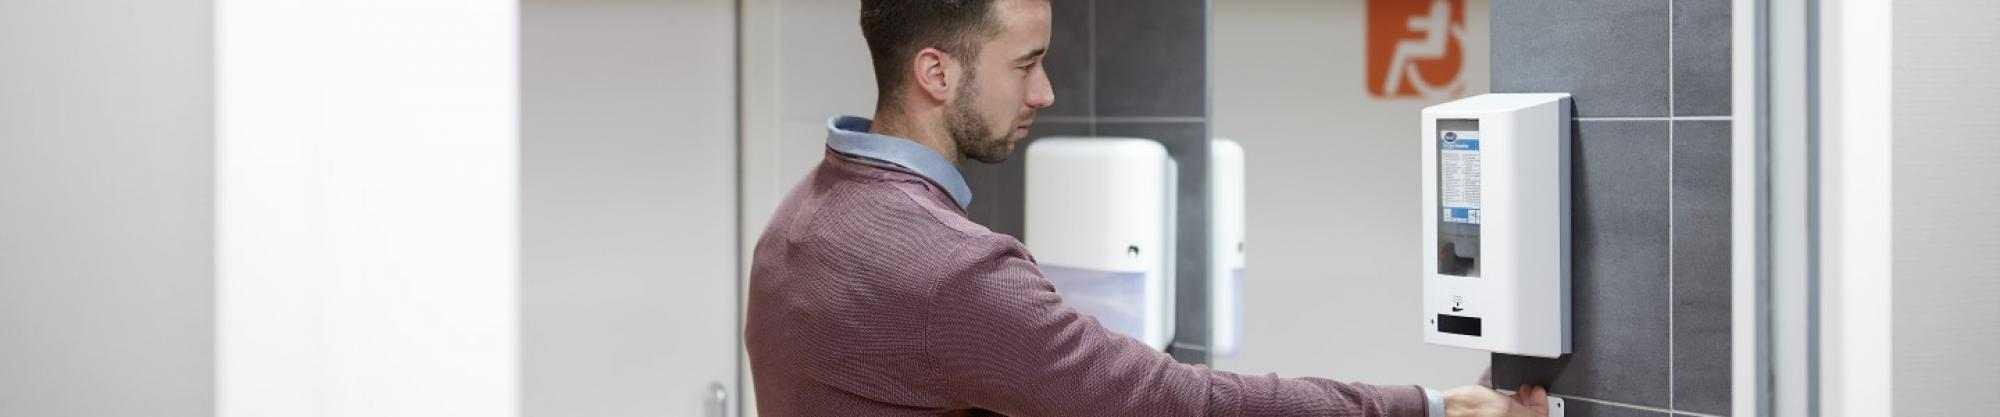 Automatic Soap Dispenser Intellicare